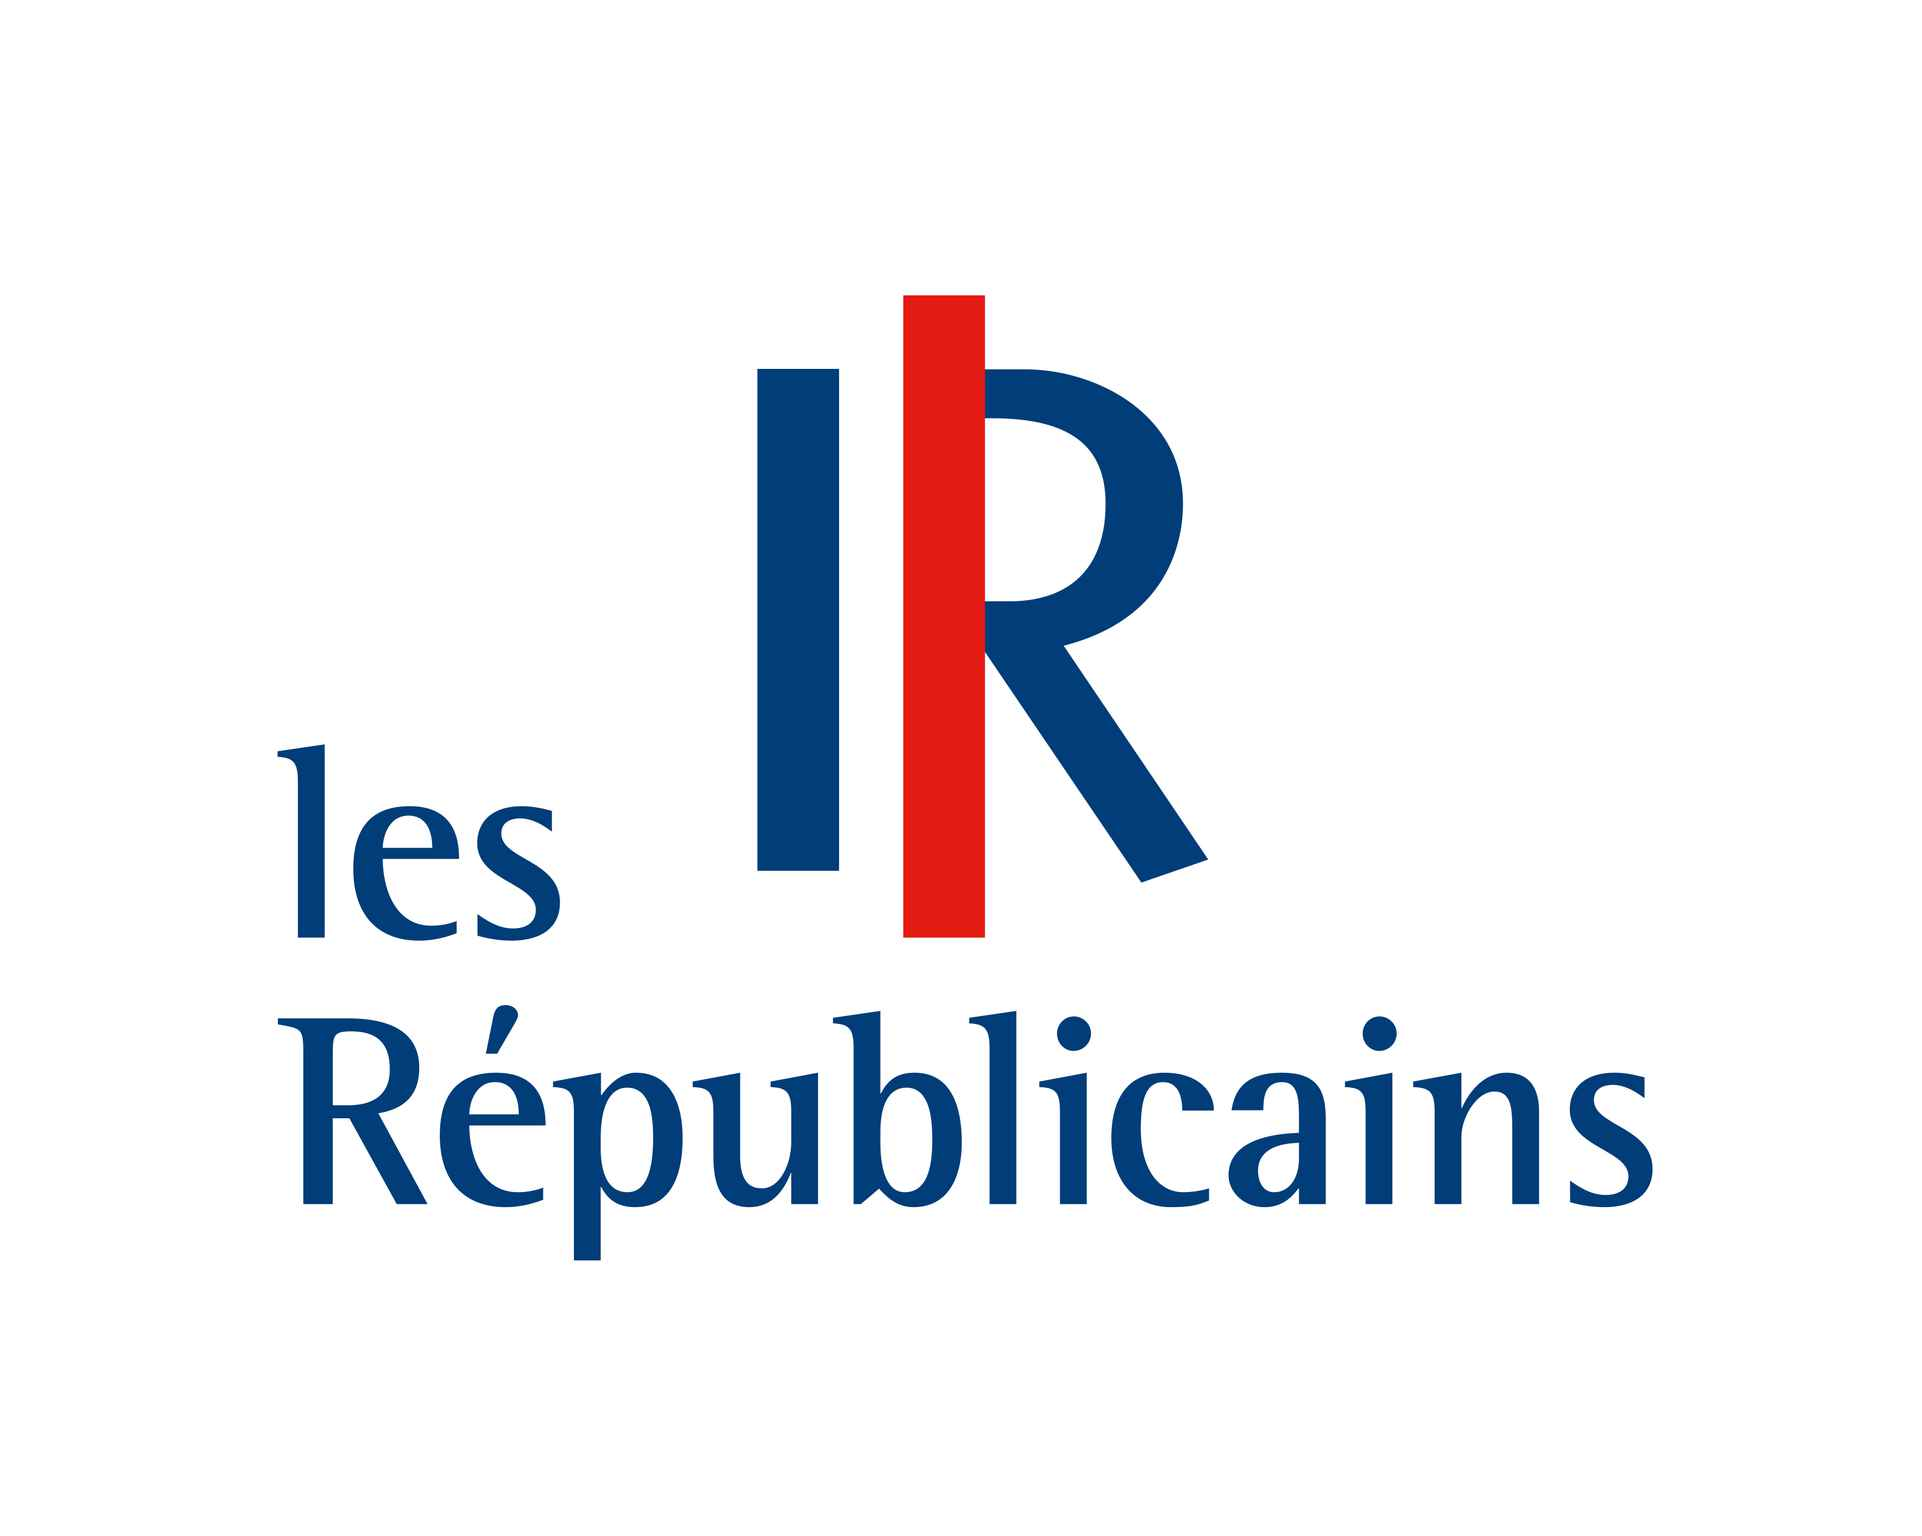 Législatives 2017 : Les candidats Les Républicains des 2e, 3e & 4e circonscriptions.